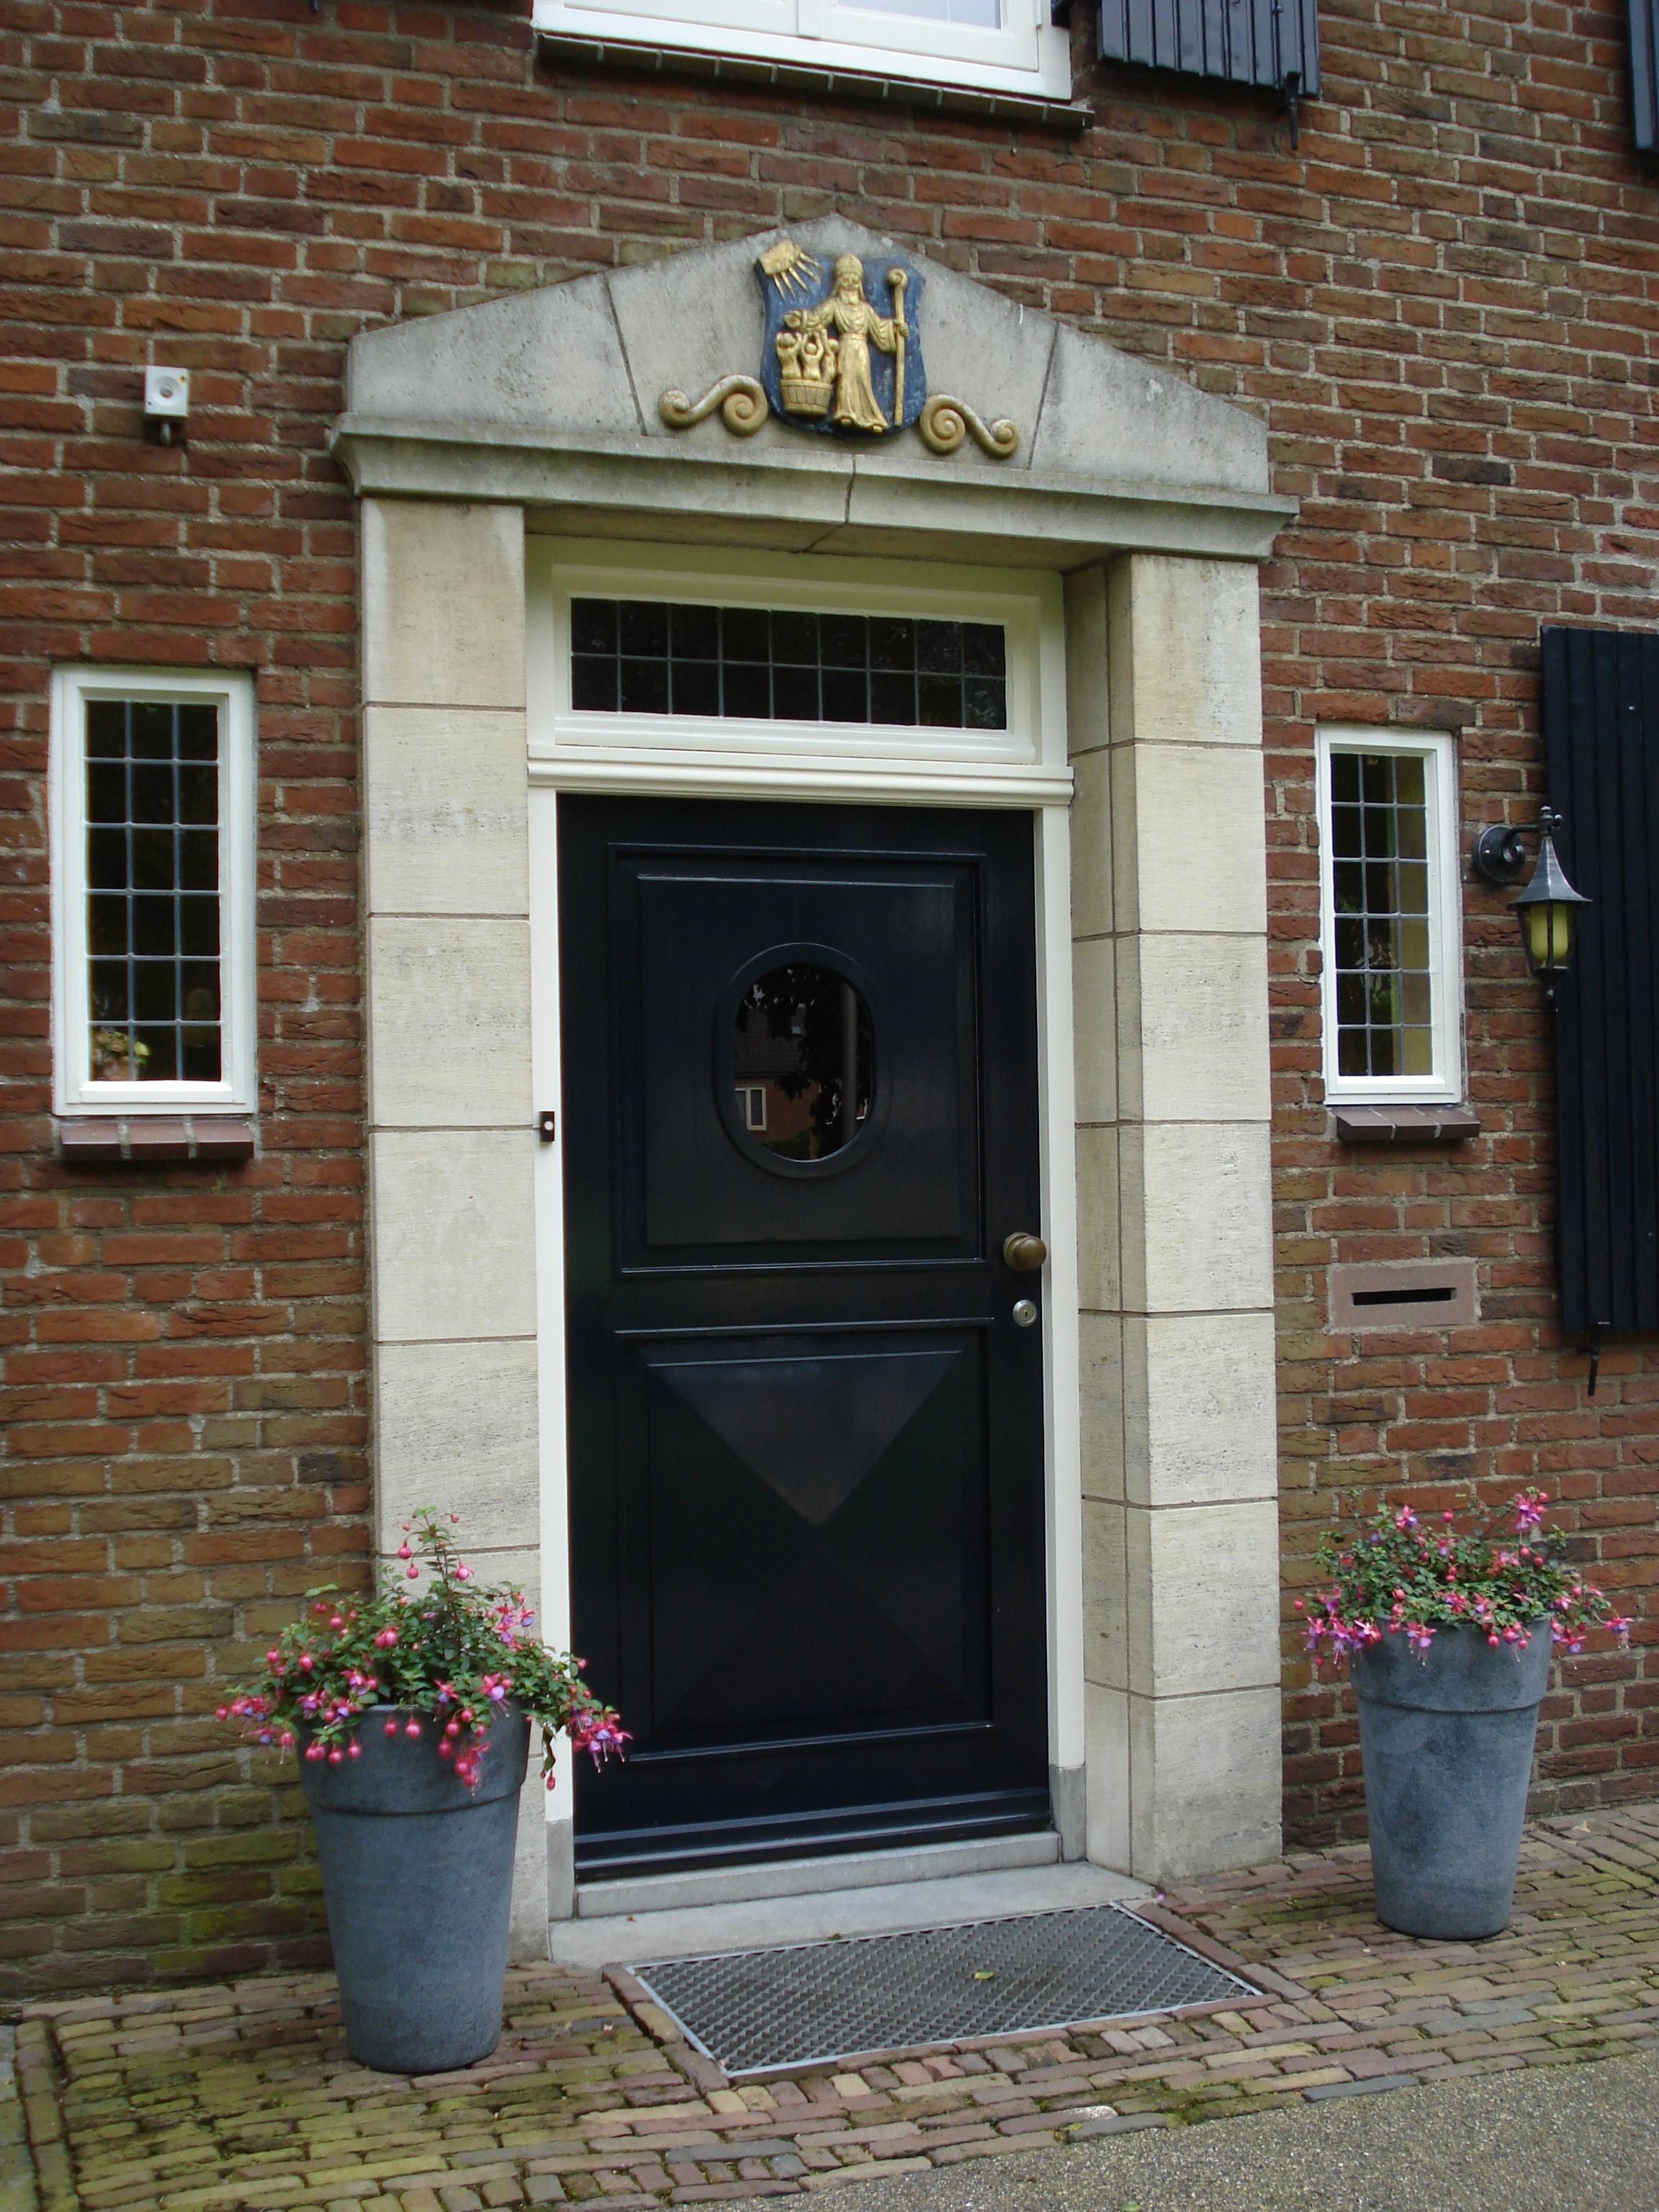 File haps blason sur la porte de l 39 ancien maison du maire jpg wikimedi - L encadrure de la porte ...